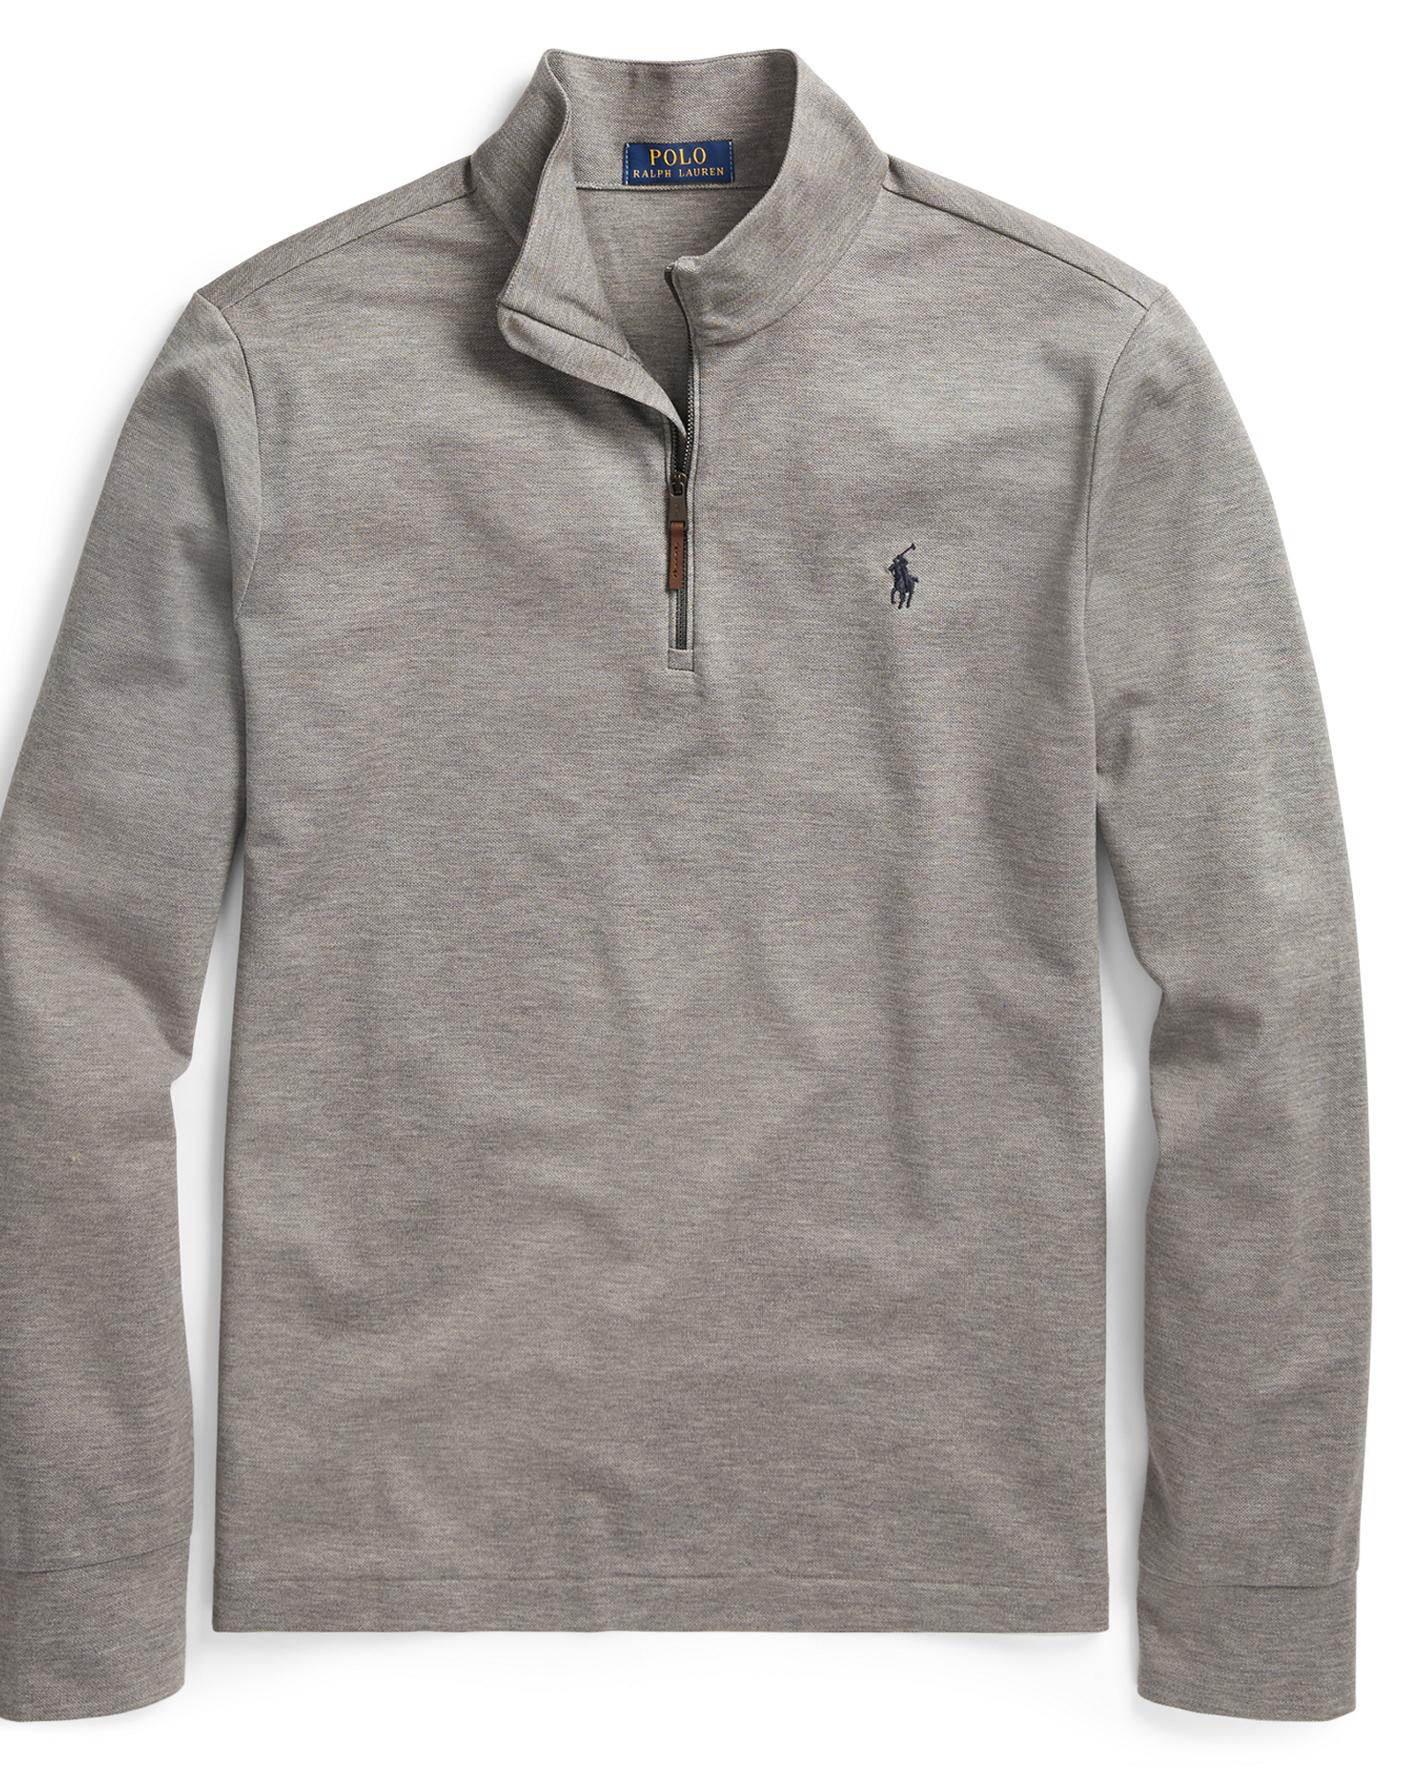 Men's Half & Quarter Zip Sweaters & Pullovers   Ralph Lauren